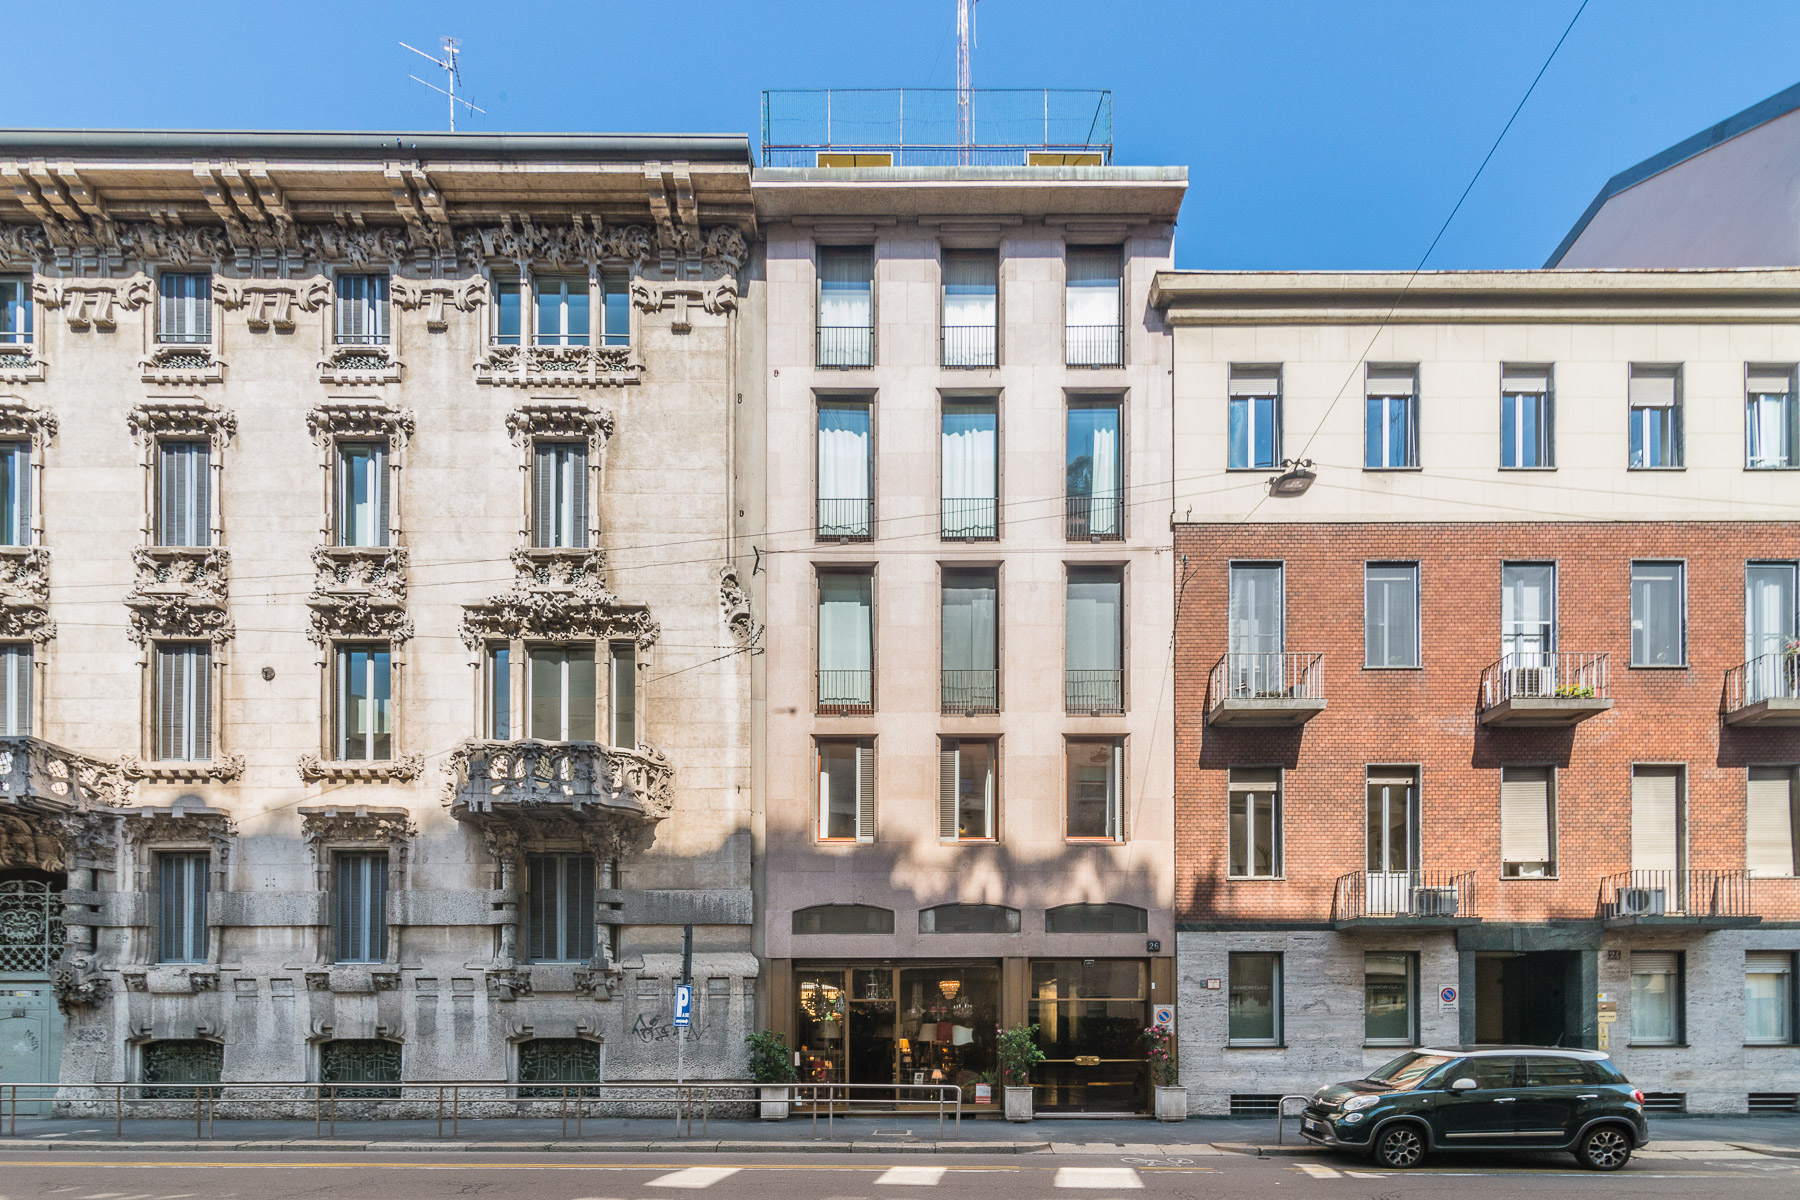 Attico in Vendita a Milano 01 Centro storico (Cerchia dei Navigli): 4 locali, 156 mq